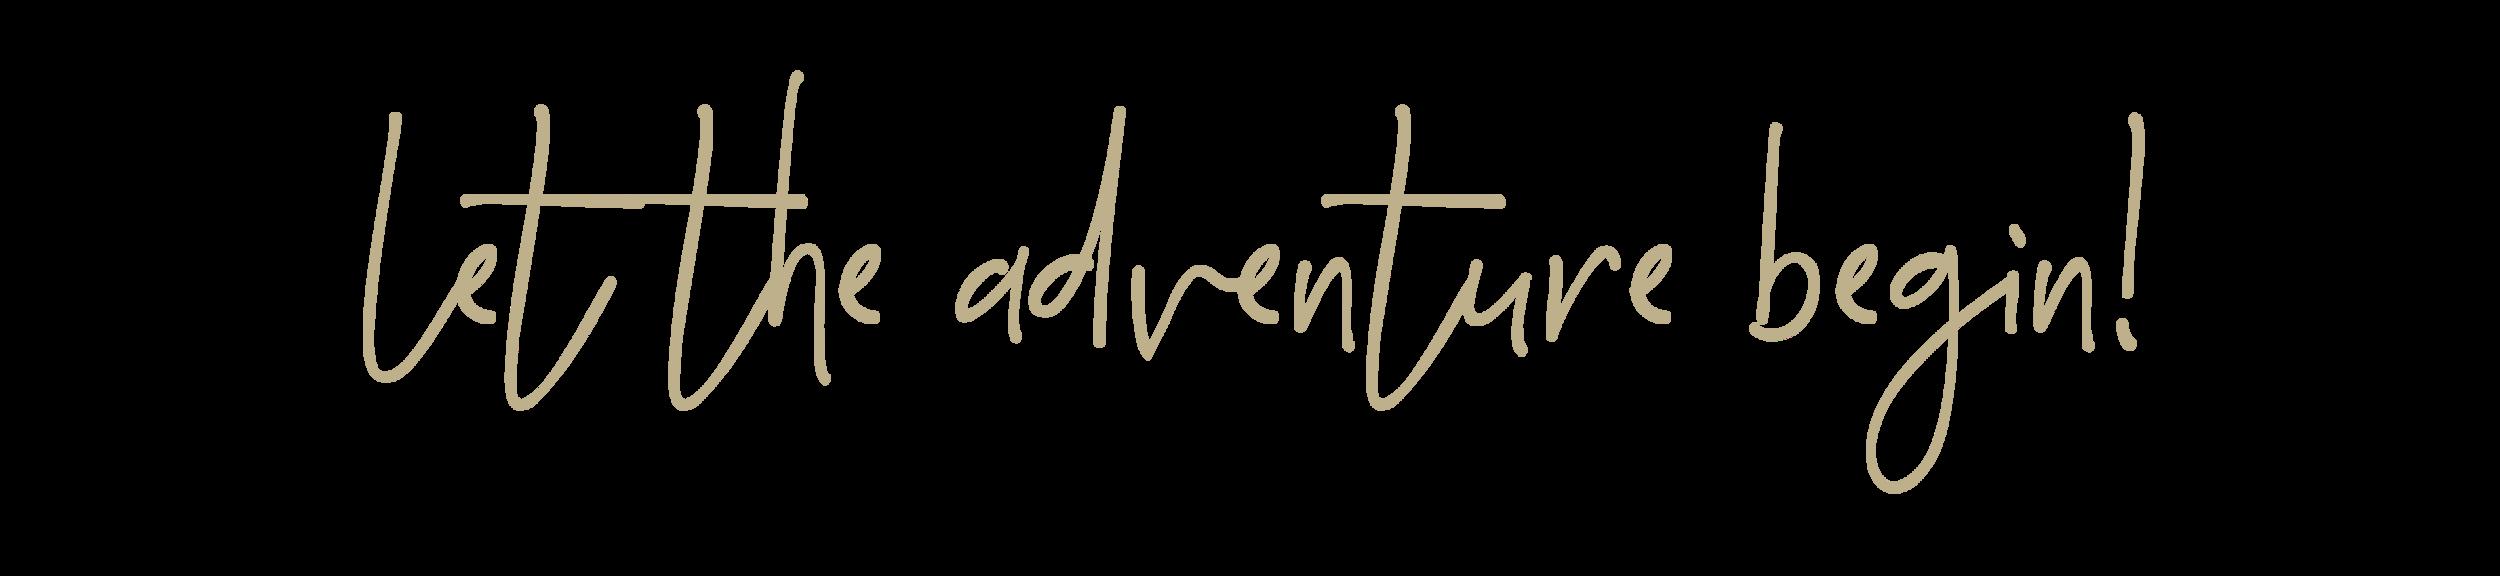 lettheadventures.png